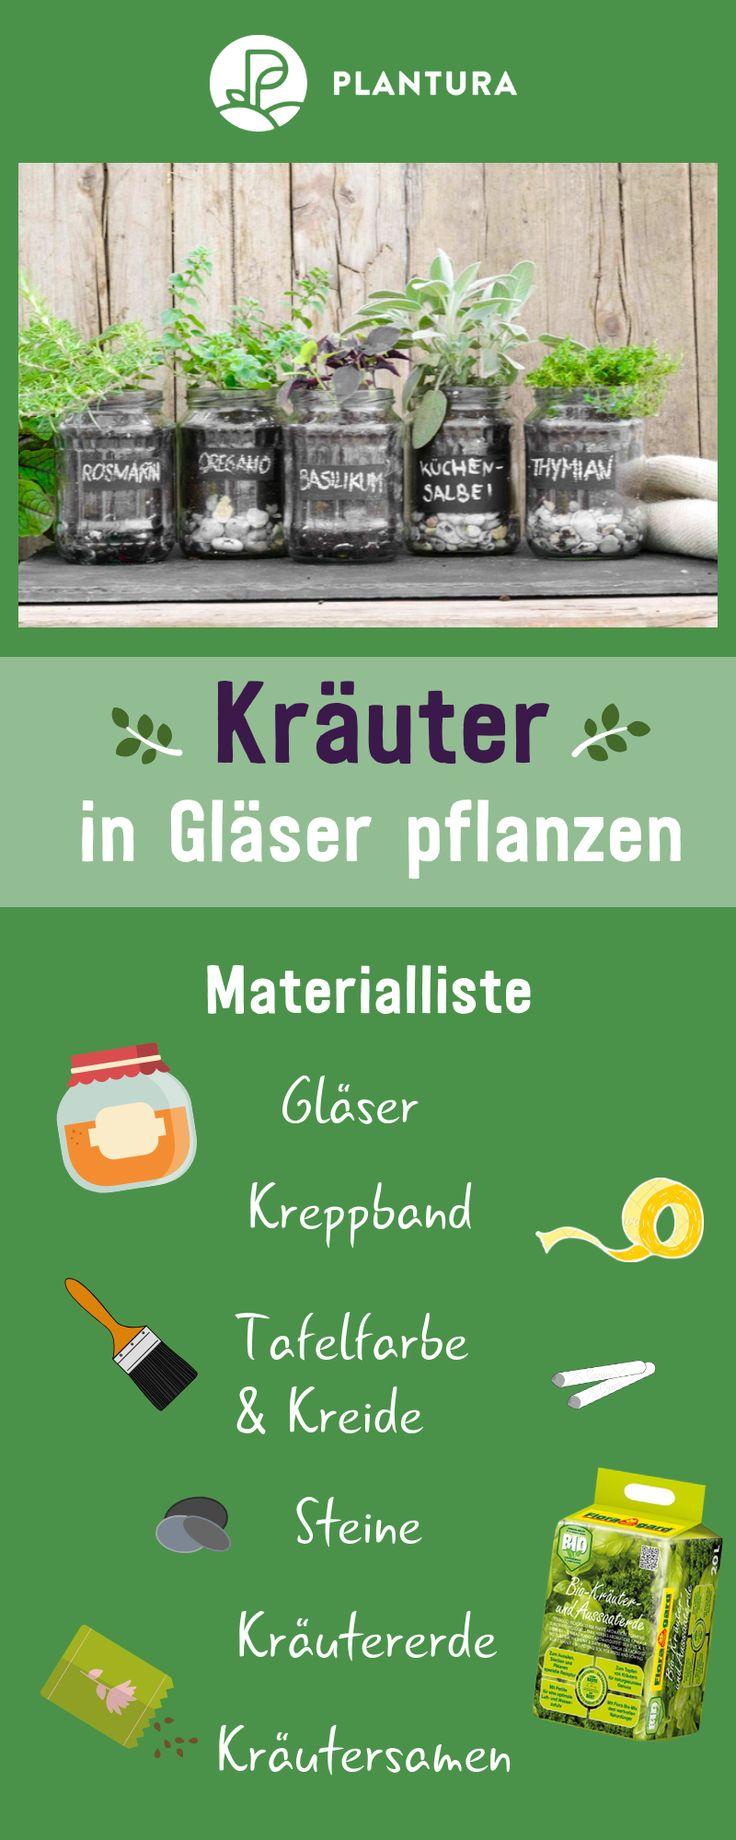 Kräuter im Glas pflanzen: Video-Anleitung & Tipps – Gruppenpinnwand Kräuter